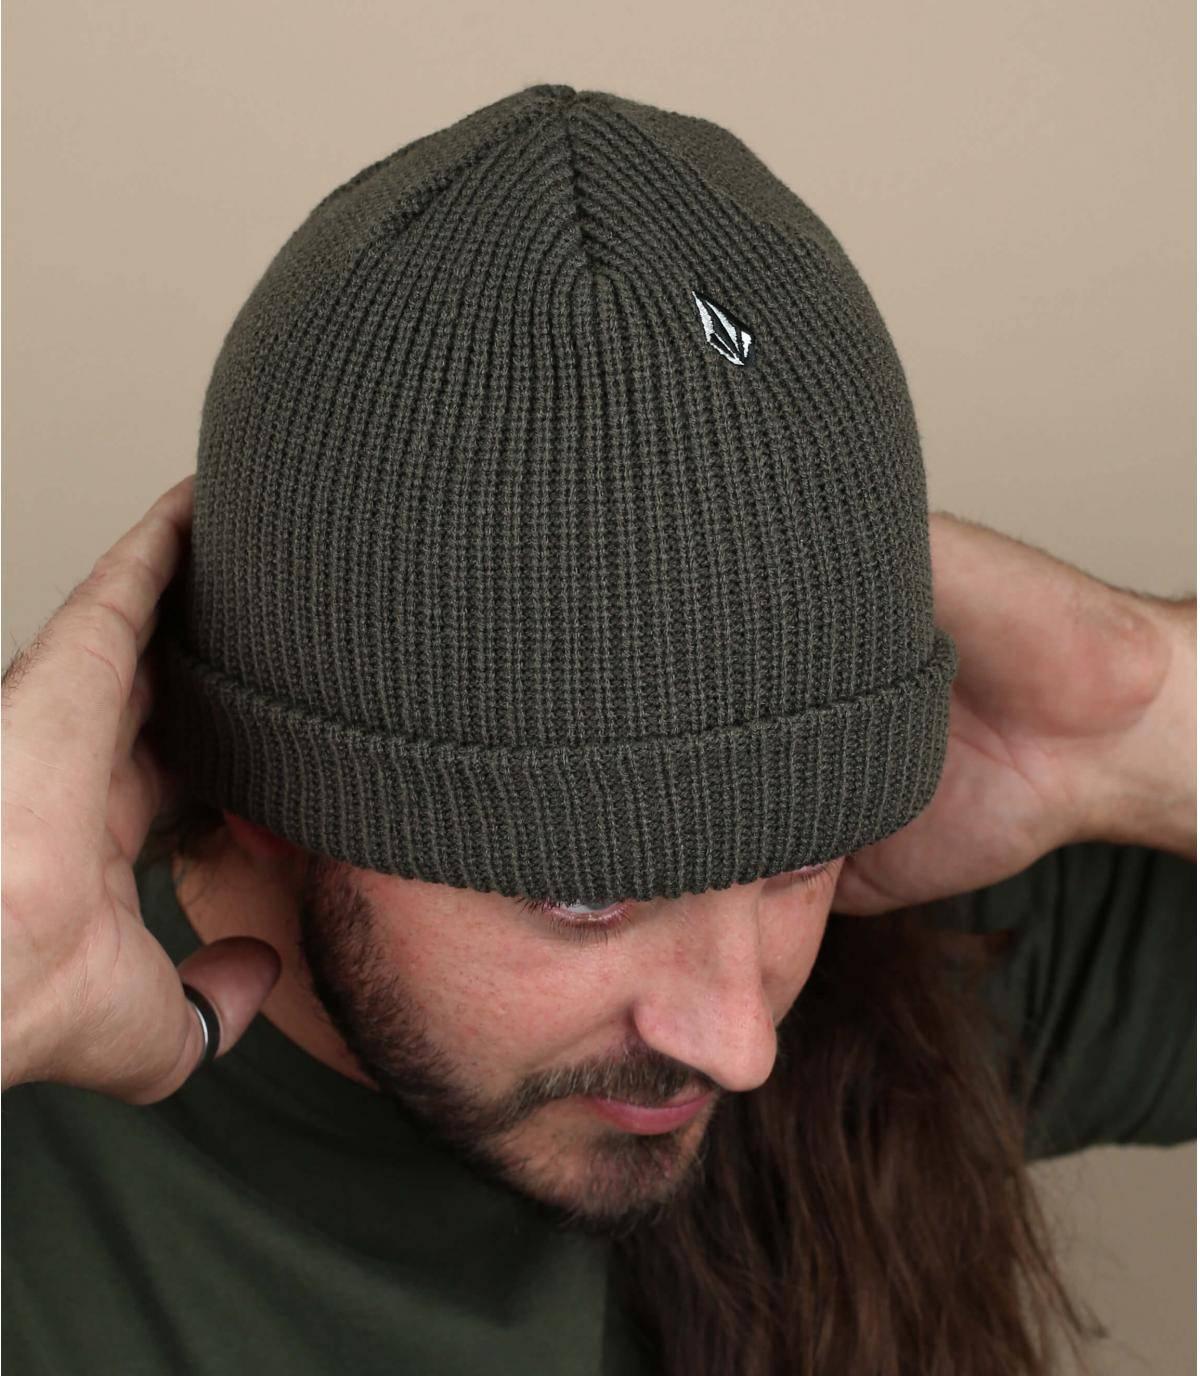 Mütze grün Volcom